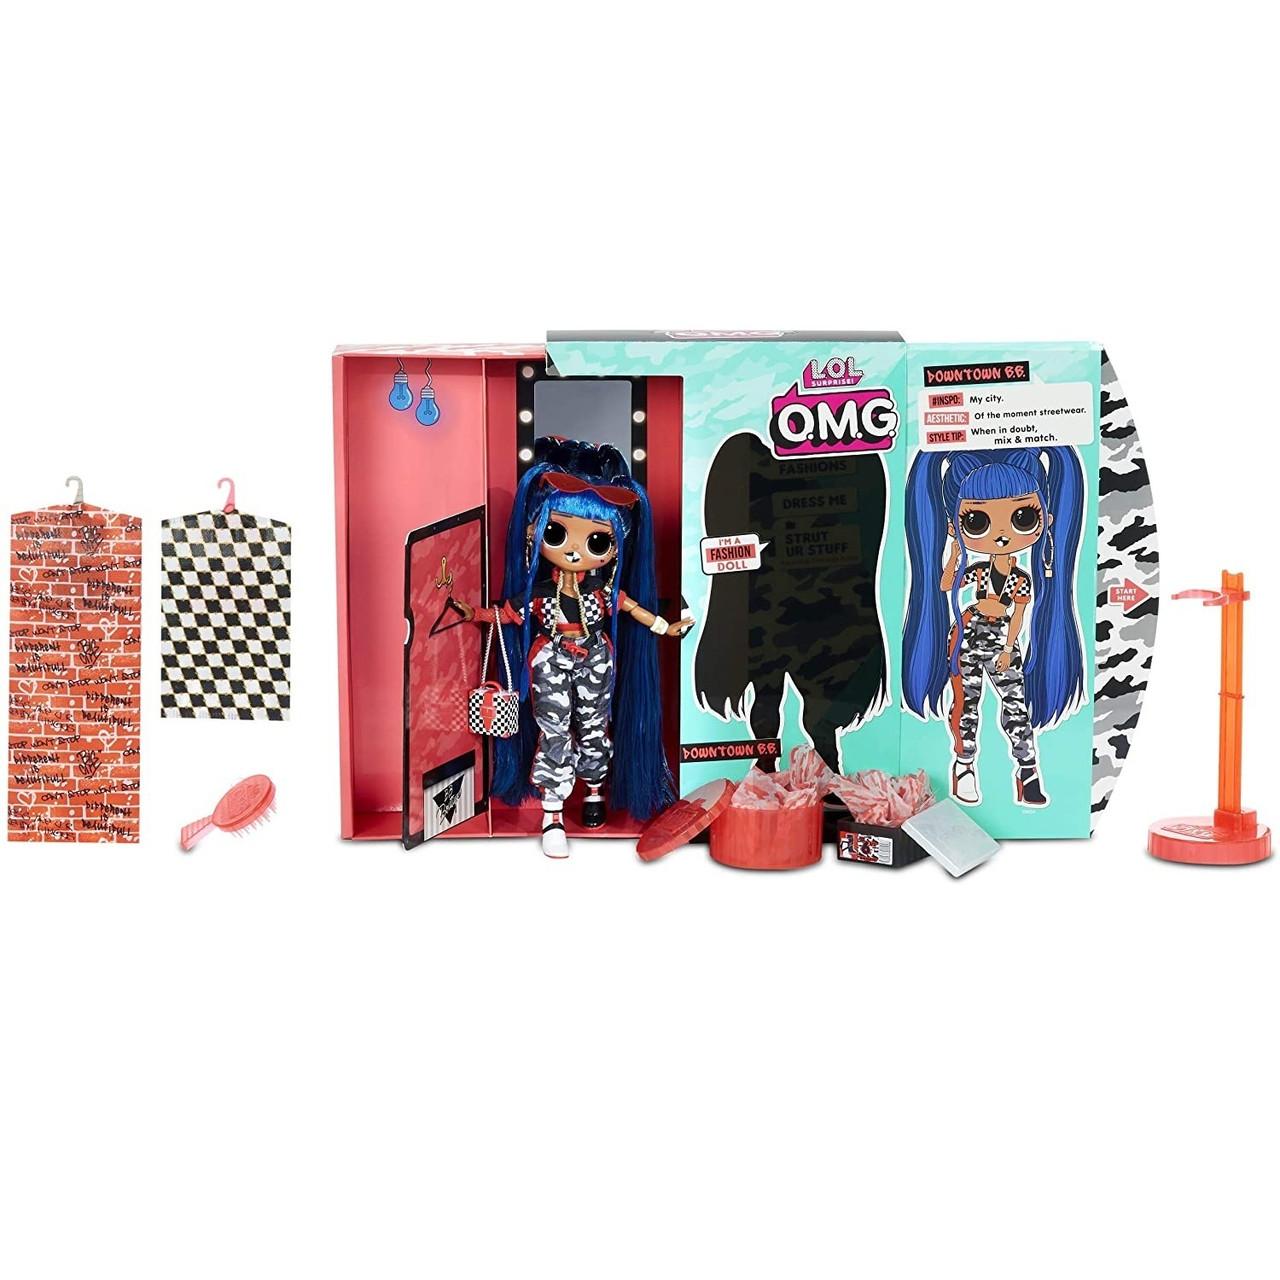 LOL OMG Модная Кукла Даунтаун БиБи (Downtown B.B.), 2 серия, 2 волна, ЛОЛ ОМГ - фото 5